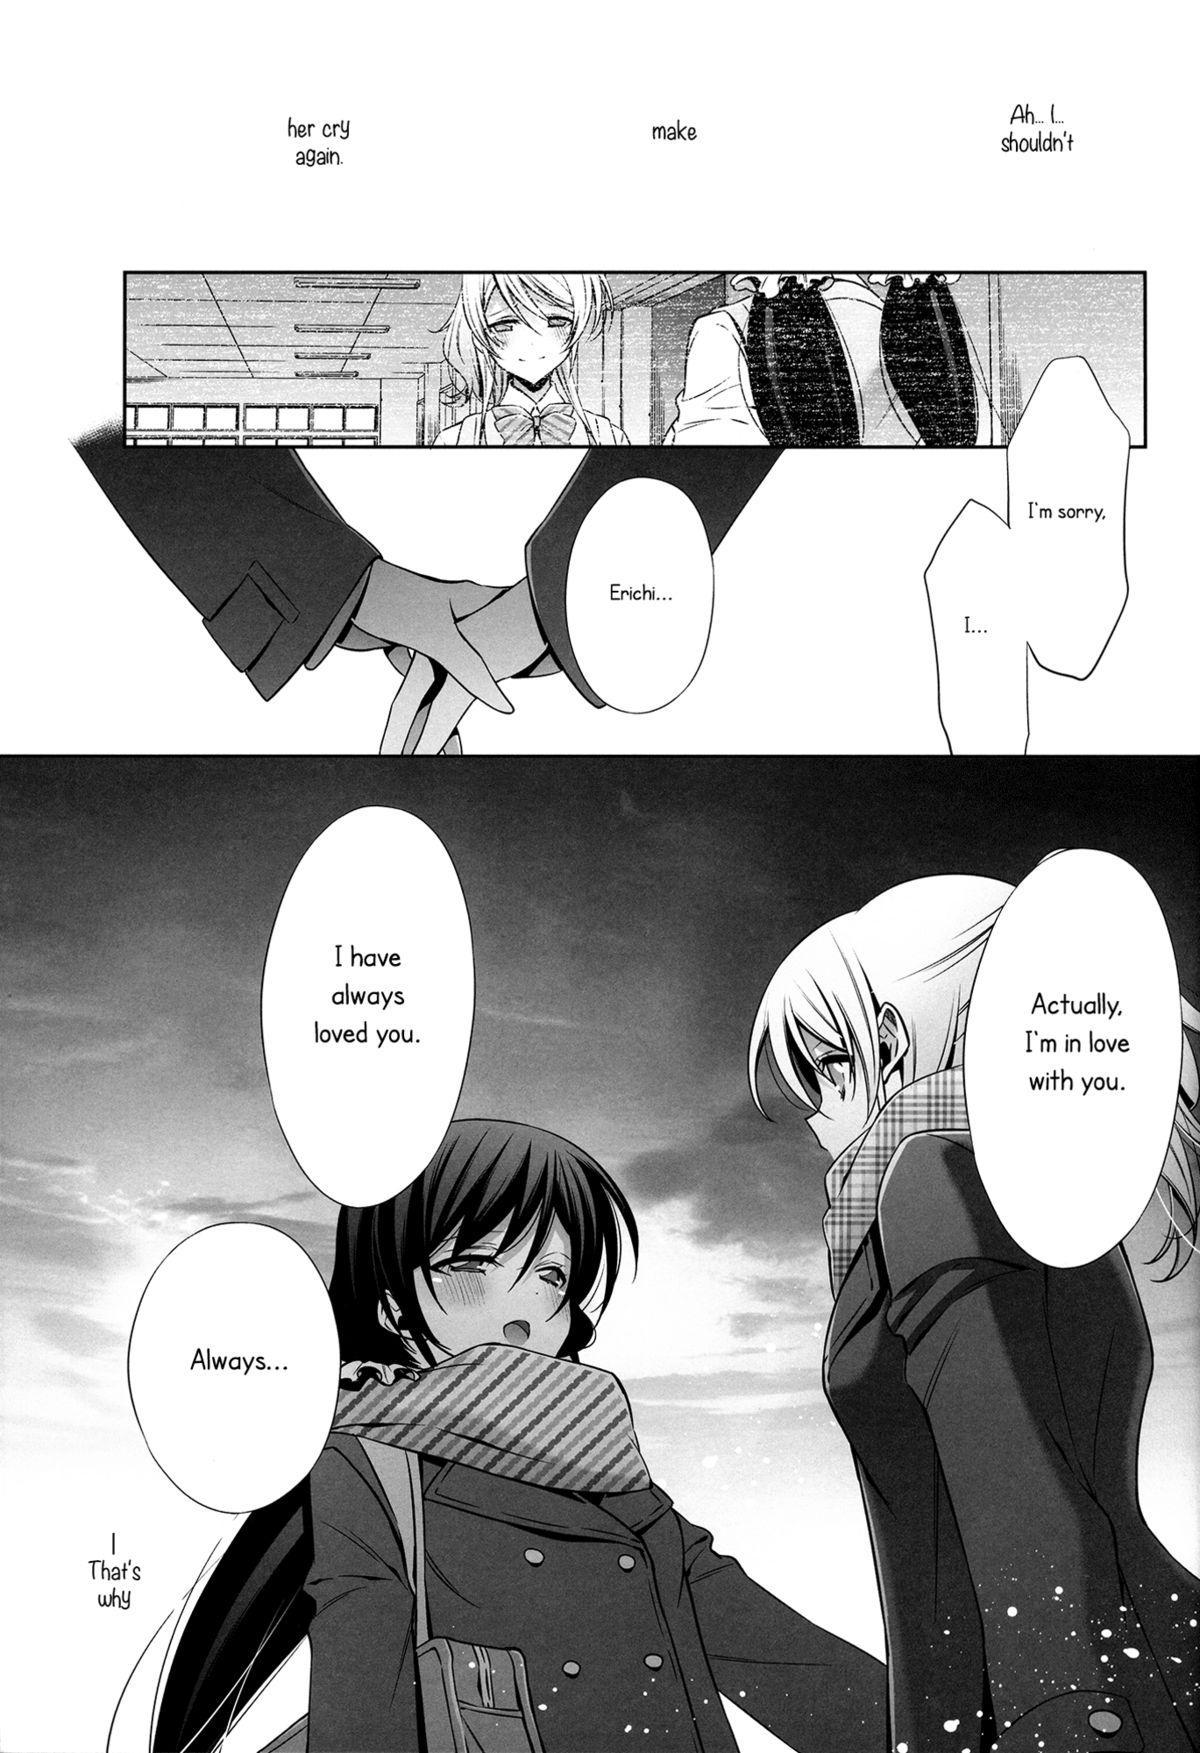 Haru mo Natsu mo Aki mo Fuyu mo | In Spring, In Summer, In Autumn, In Winter. Always With You! 16